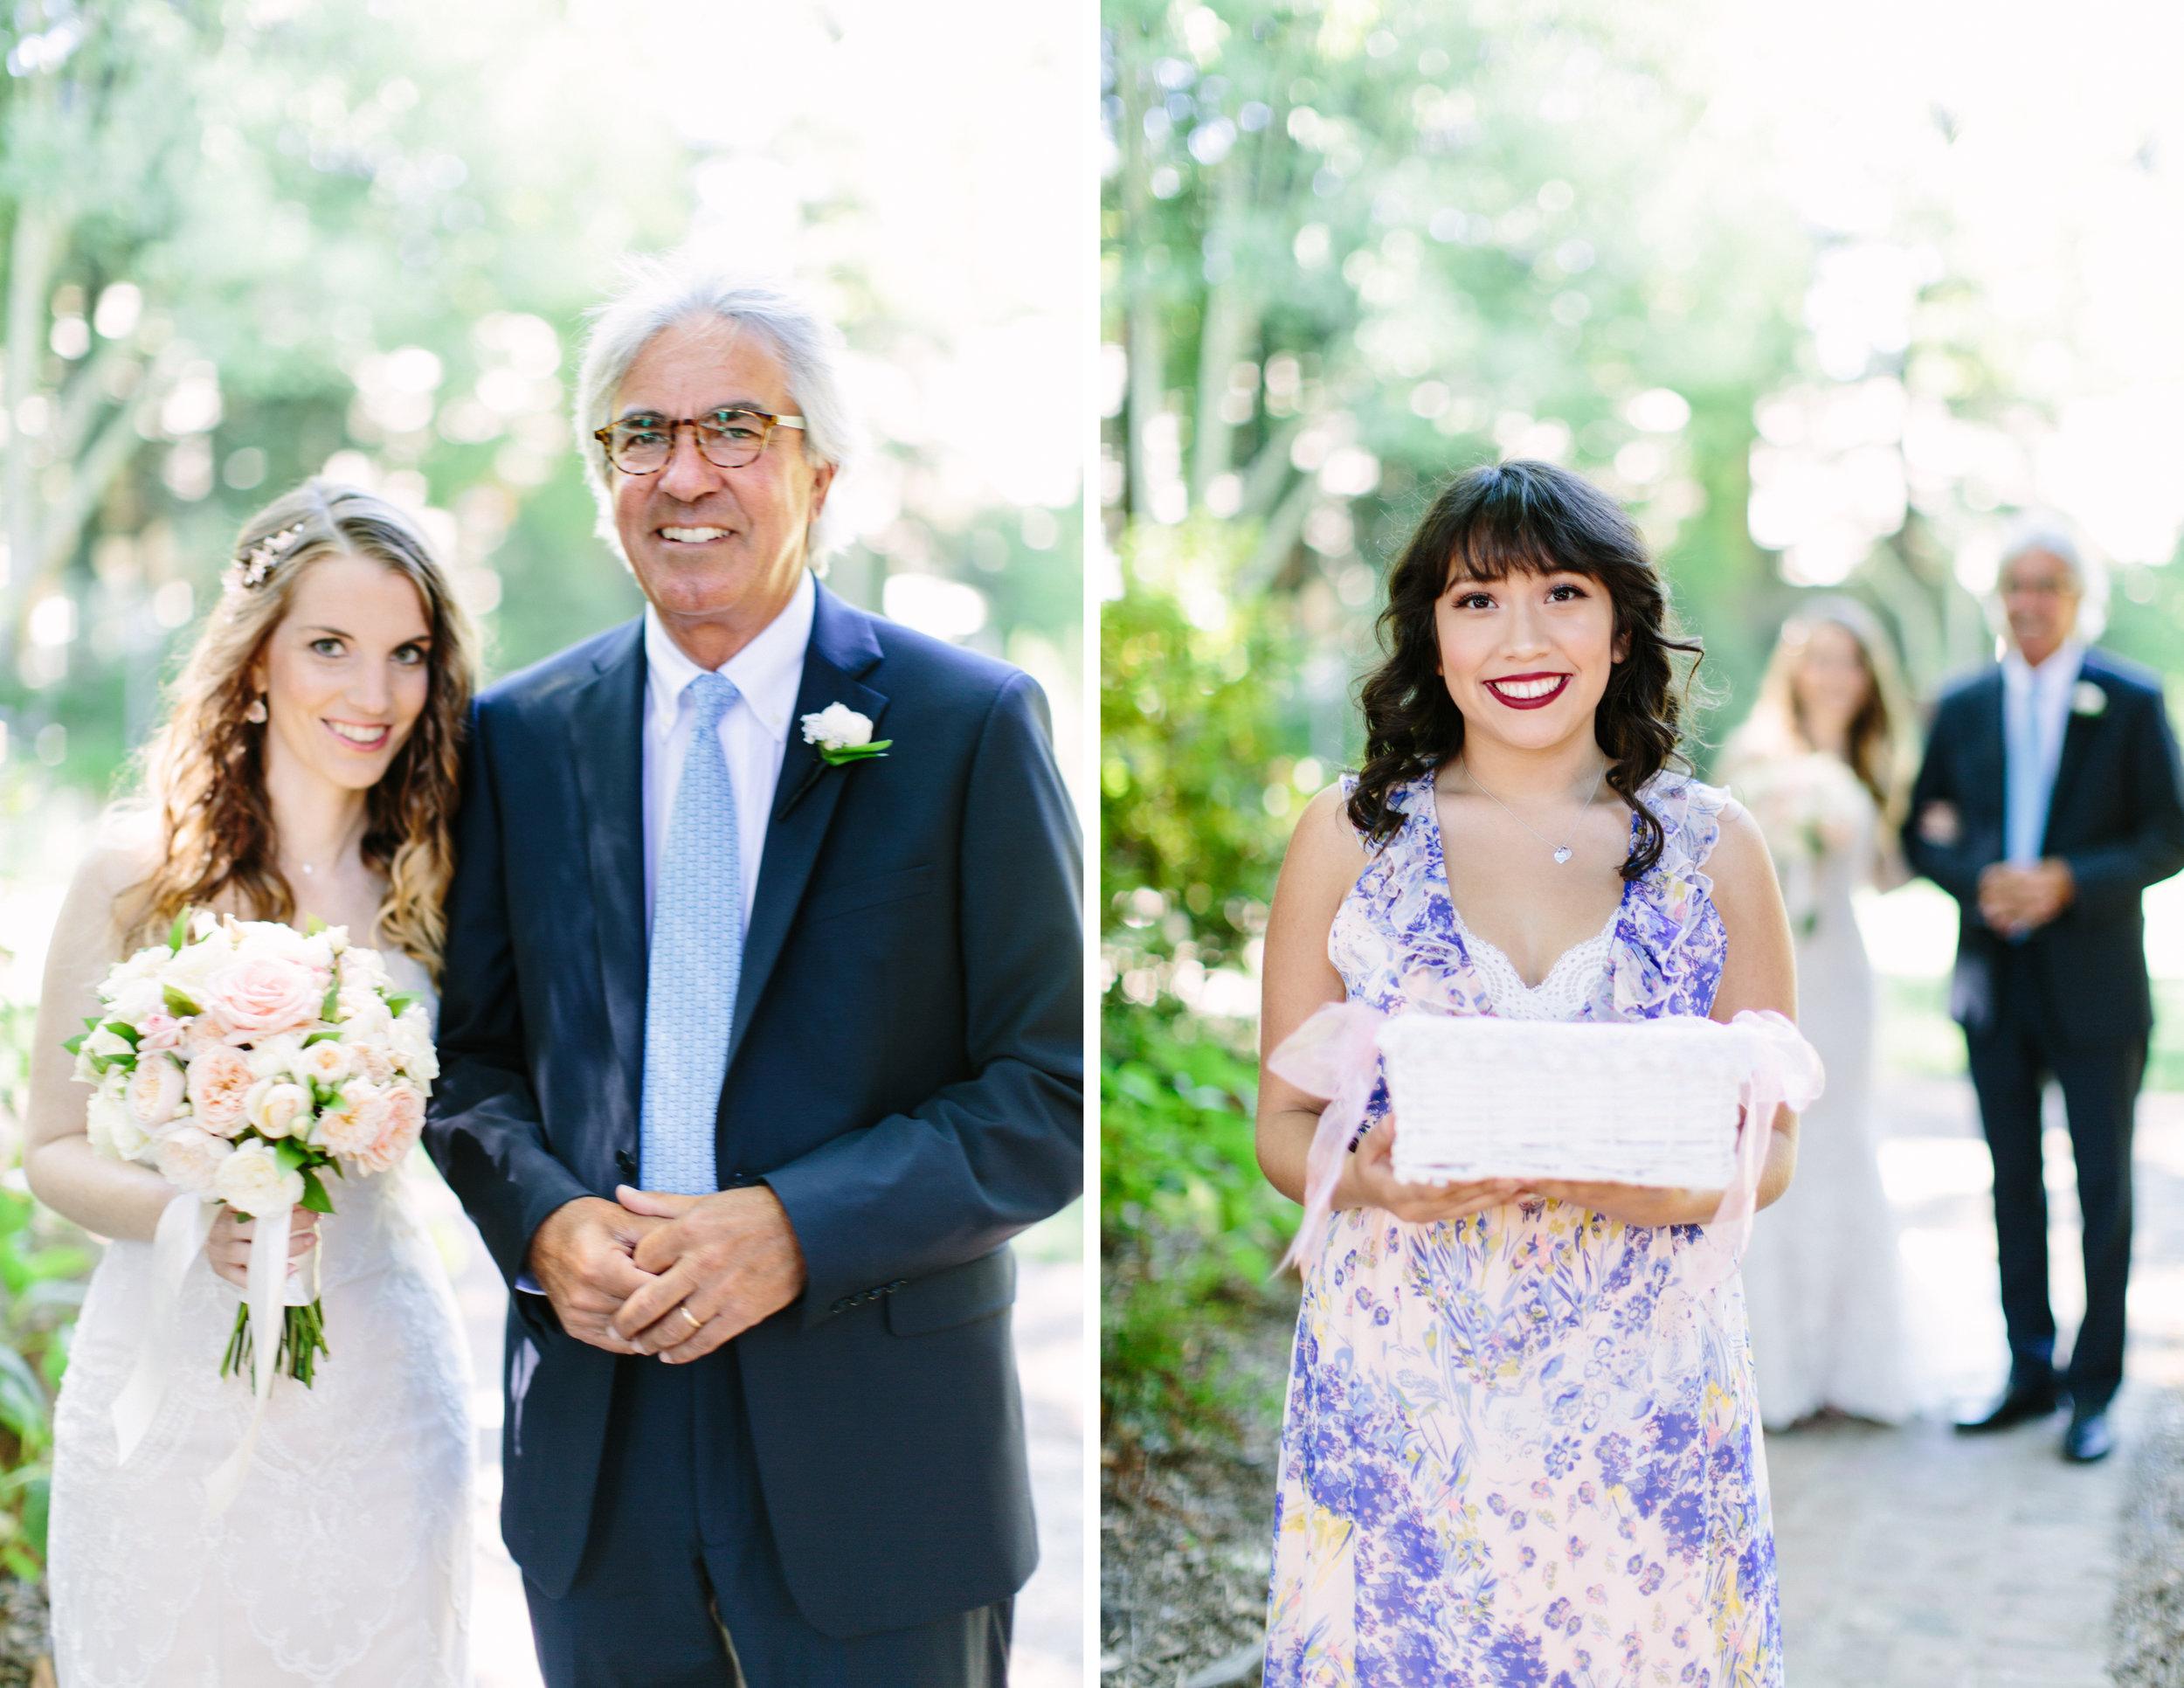 harvest inn elopement wedding 3.jpg